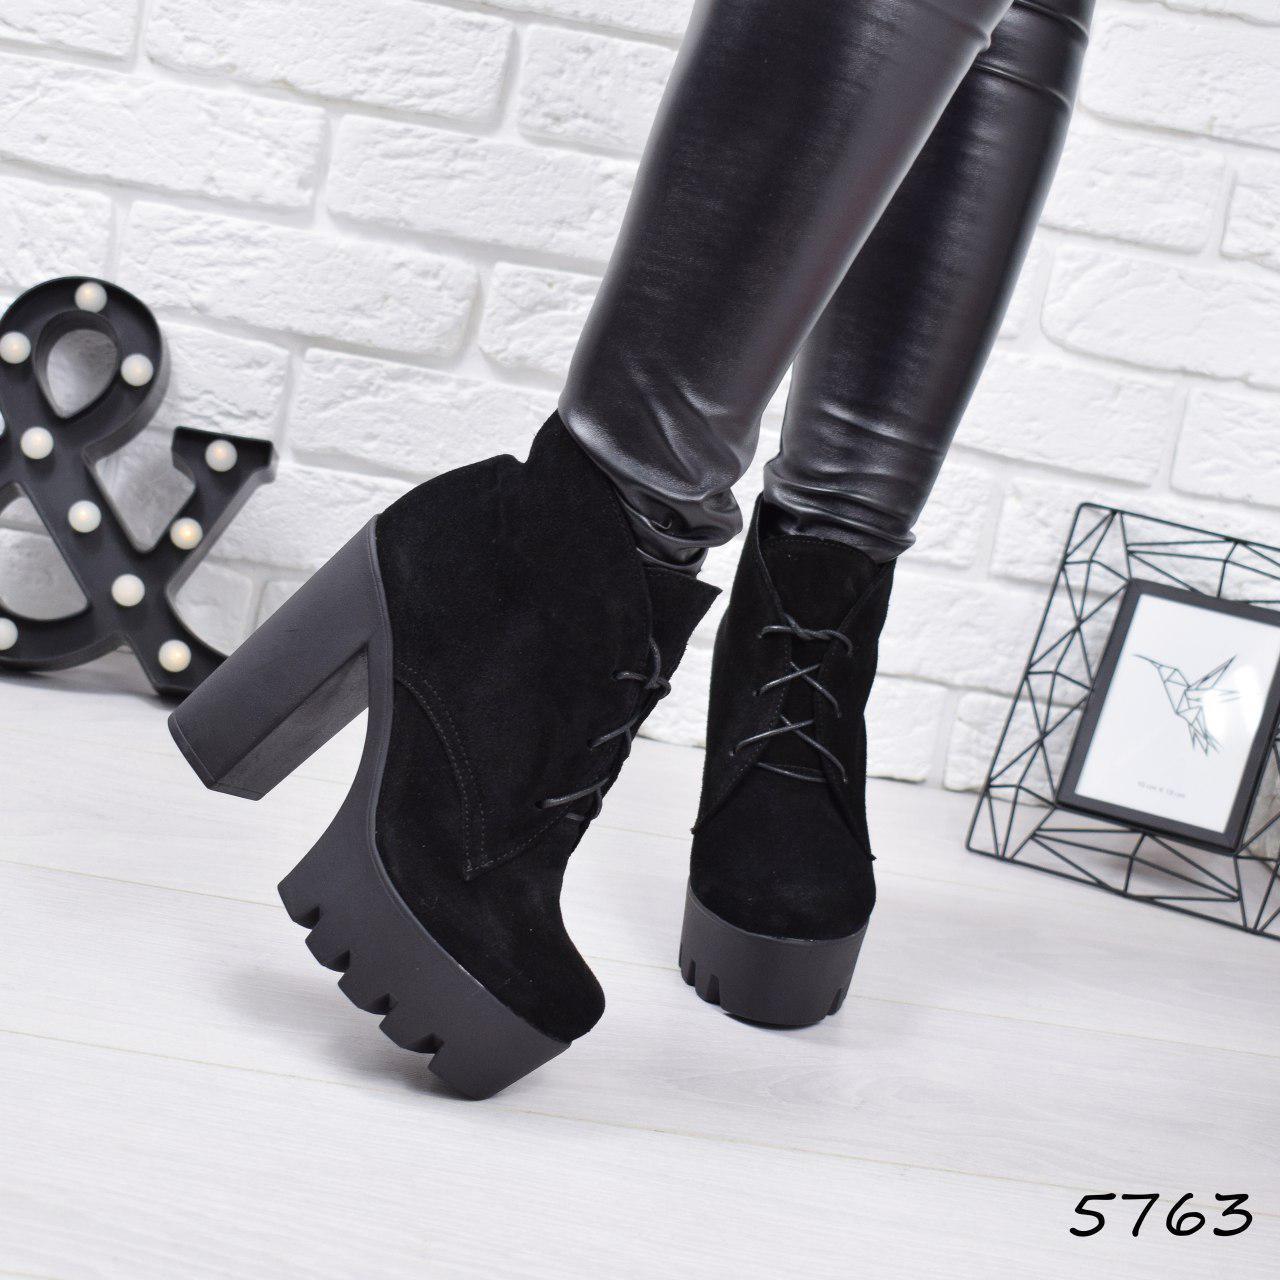 """Ботильоны женские на каблуке, черные """"Susan"""" НАТУРАЛЬНАЯ ЗАМША, повседневная обувь, ботинки женские"""